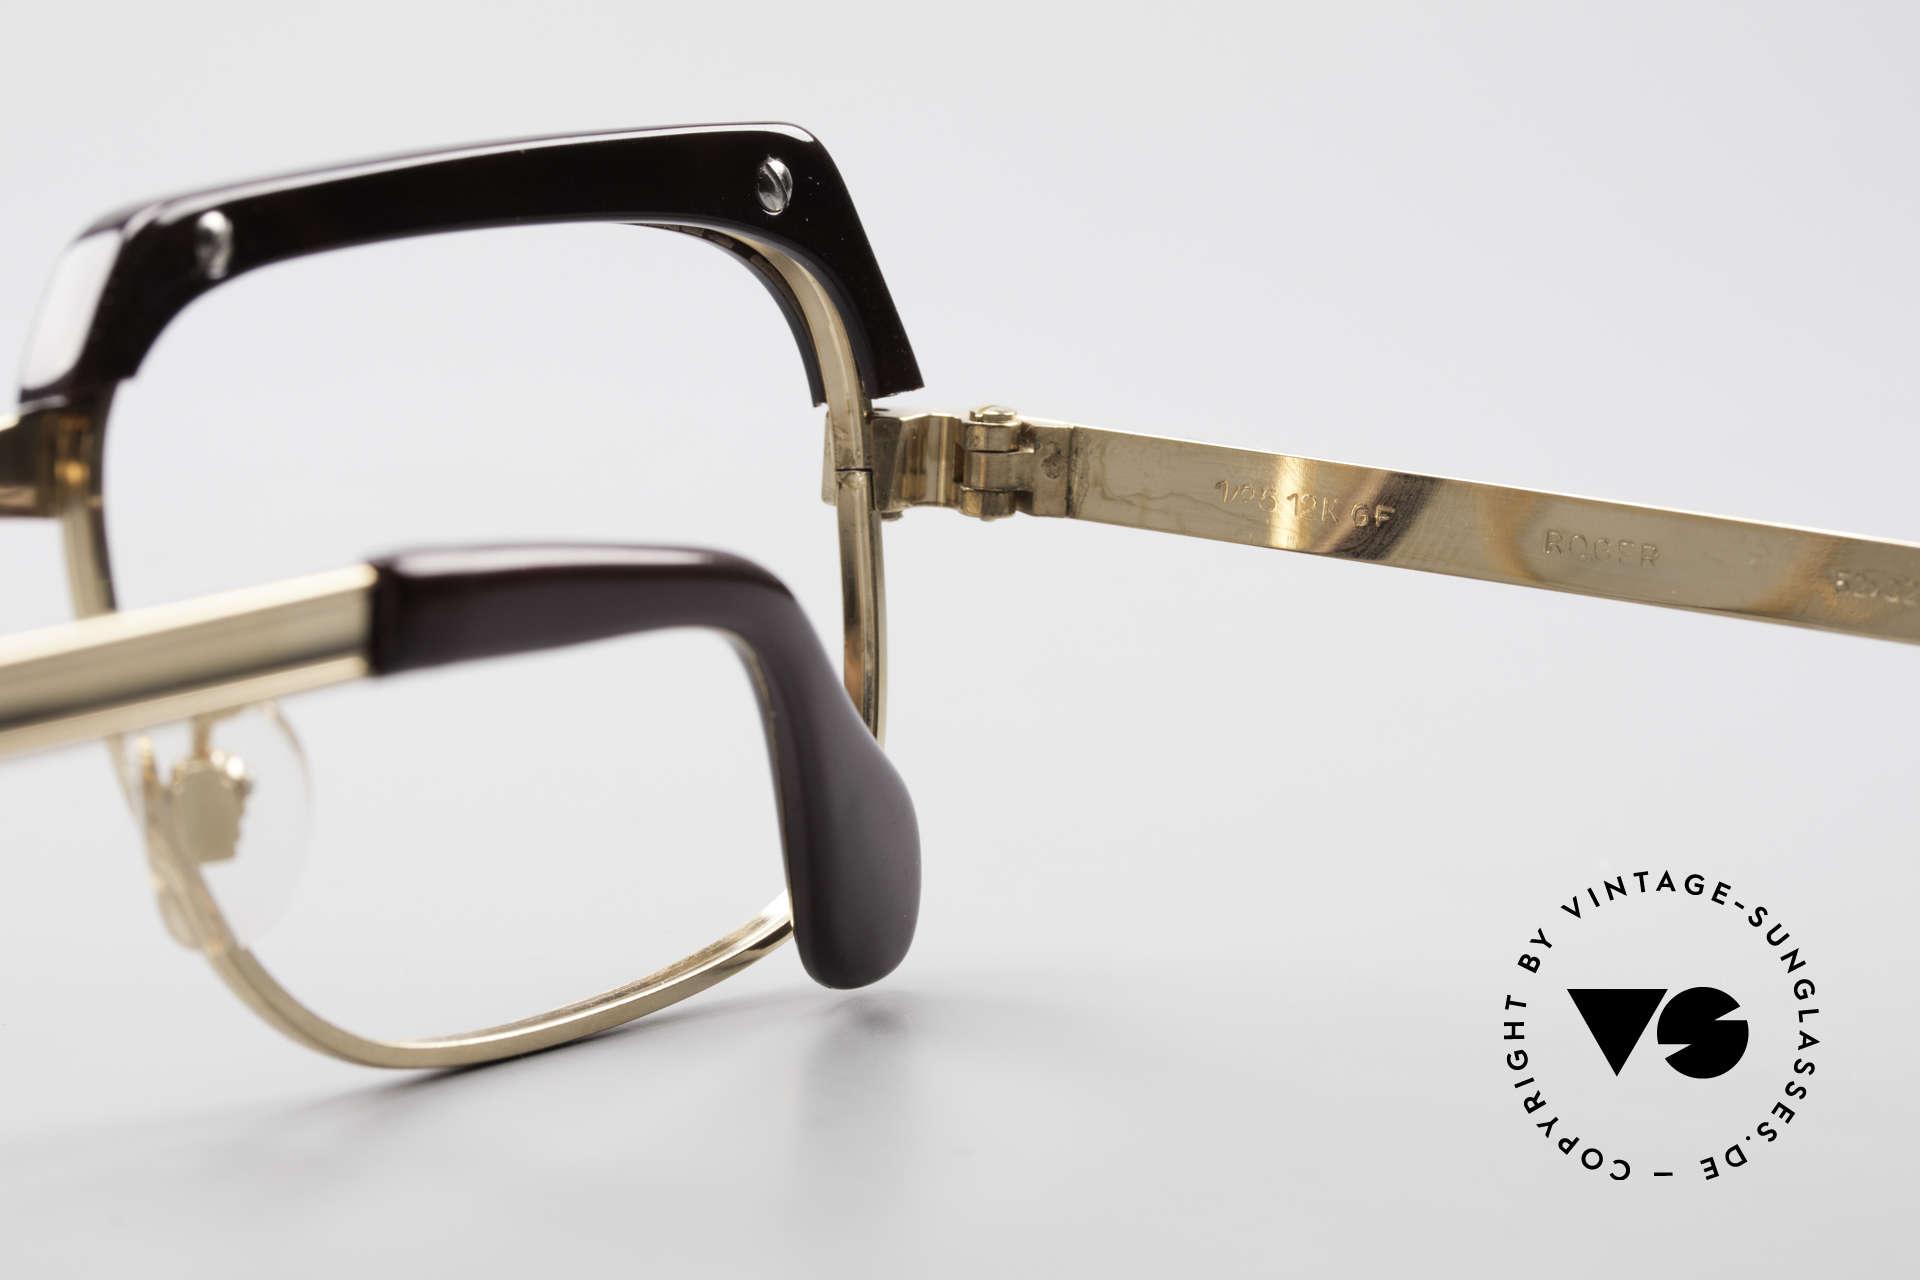 Selecta - Dalai Lama Gold Filled Kombibrille 70er, ungetragene vintage Rarität und KEINE RETRO-BRILLE!, Passend für Herren